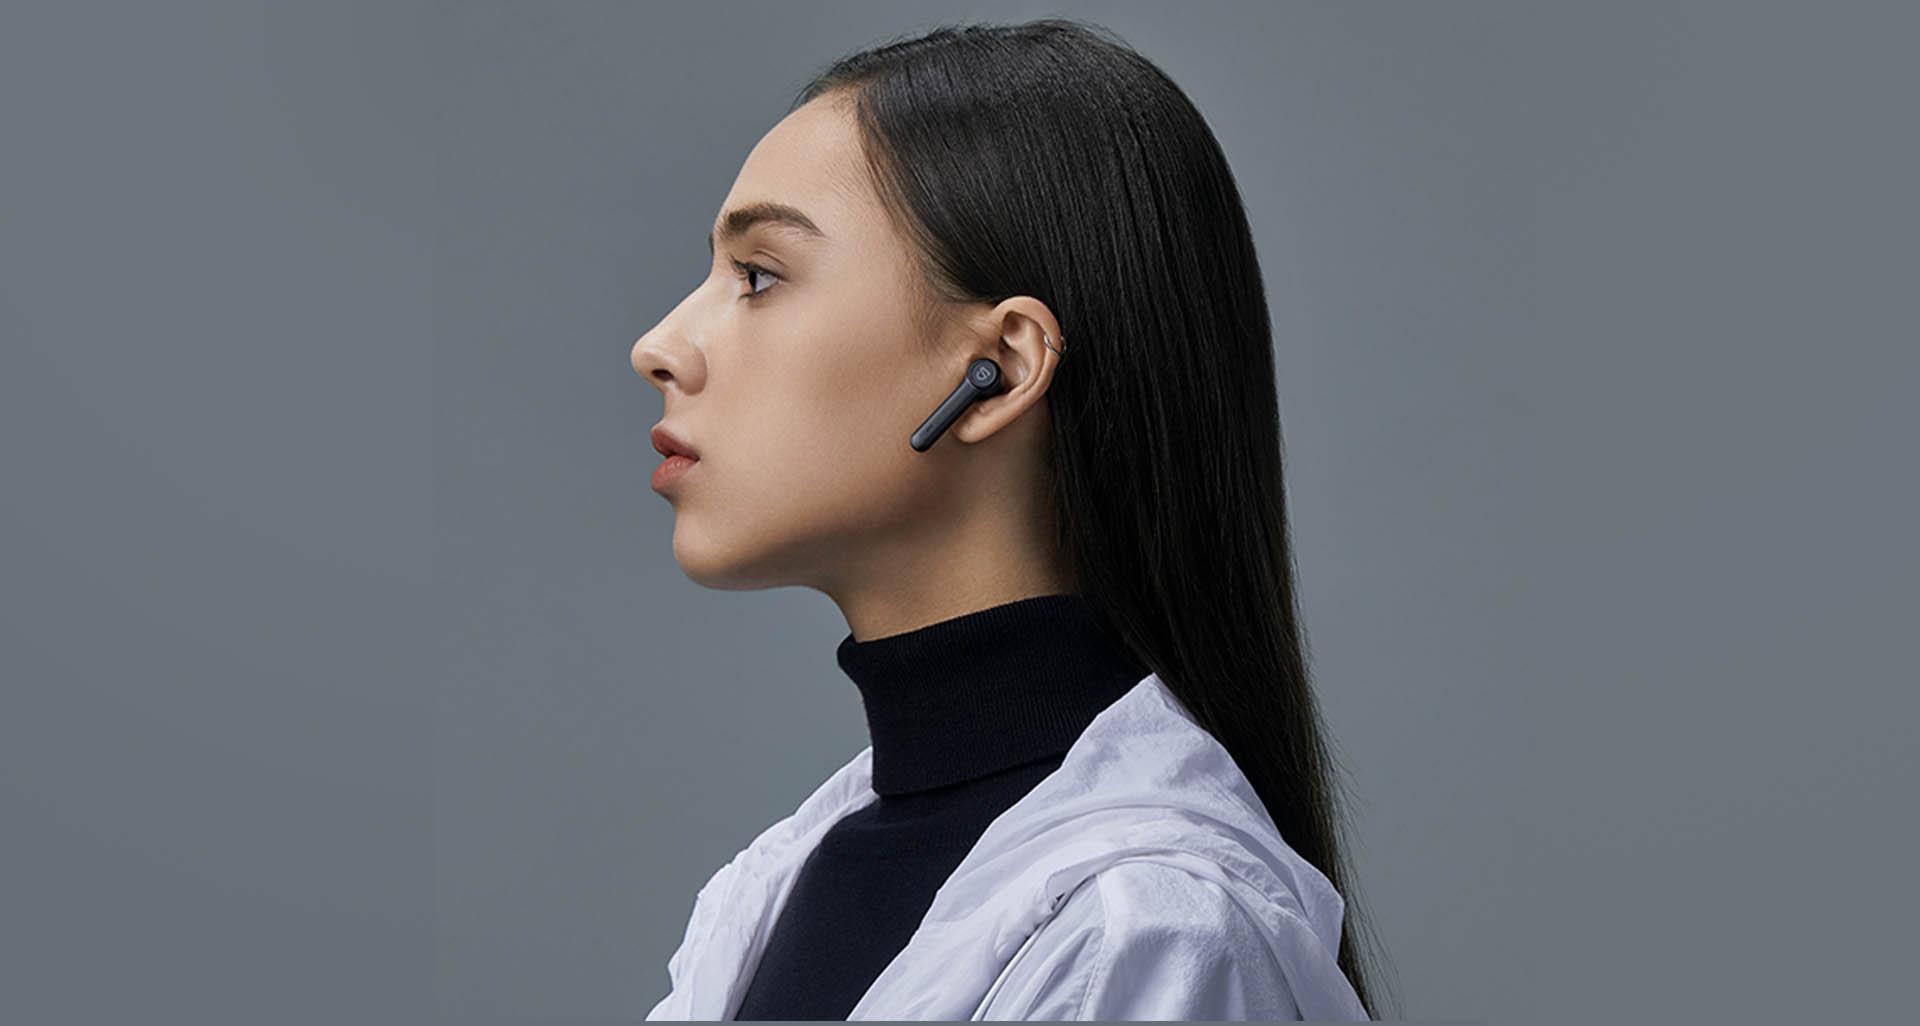 khả năng tương thích của tai nghe bluetooth Soundpeats TrueBuds tương đối rộng